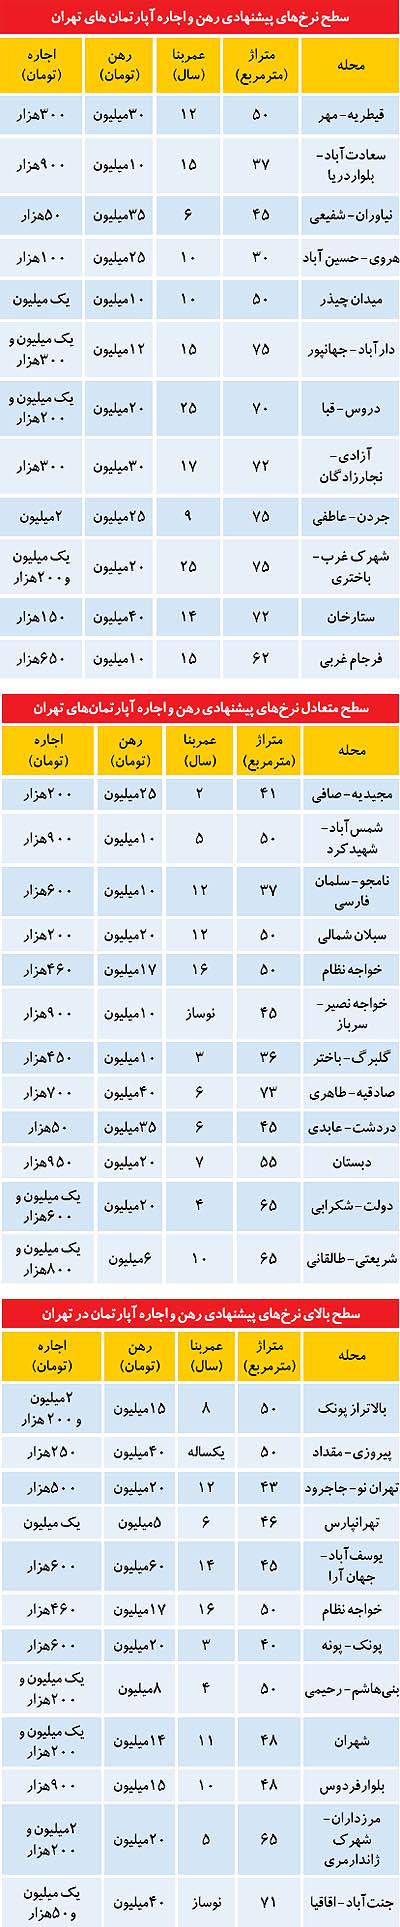 سه سطح اجاره بهای مسکن در تهران (+جدول)